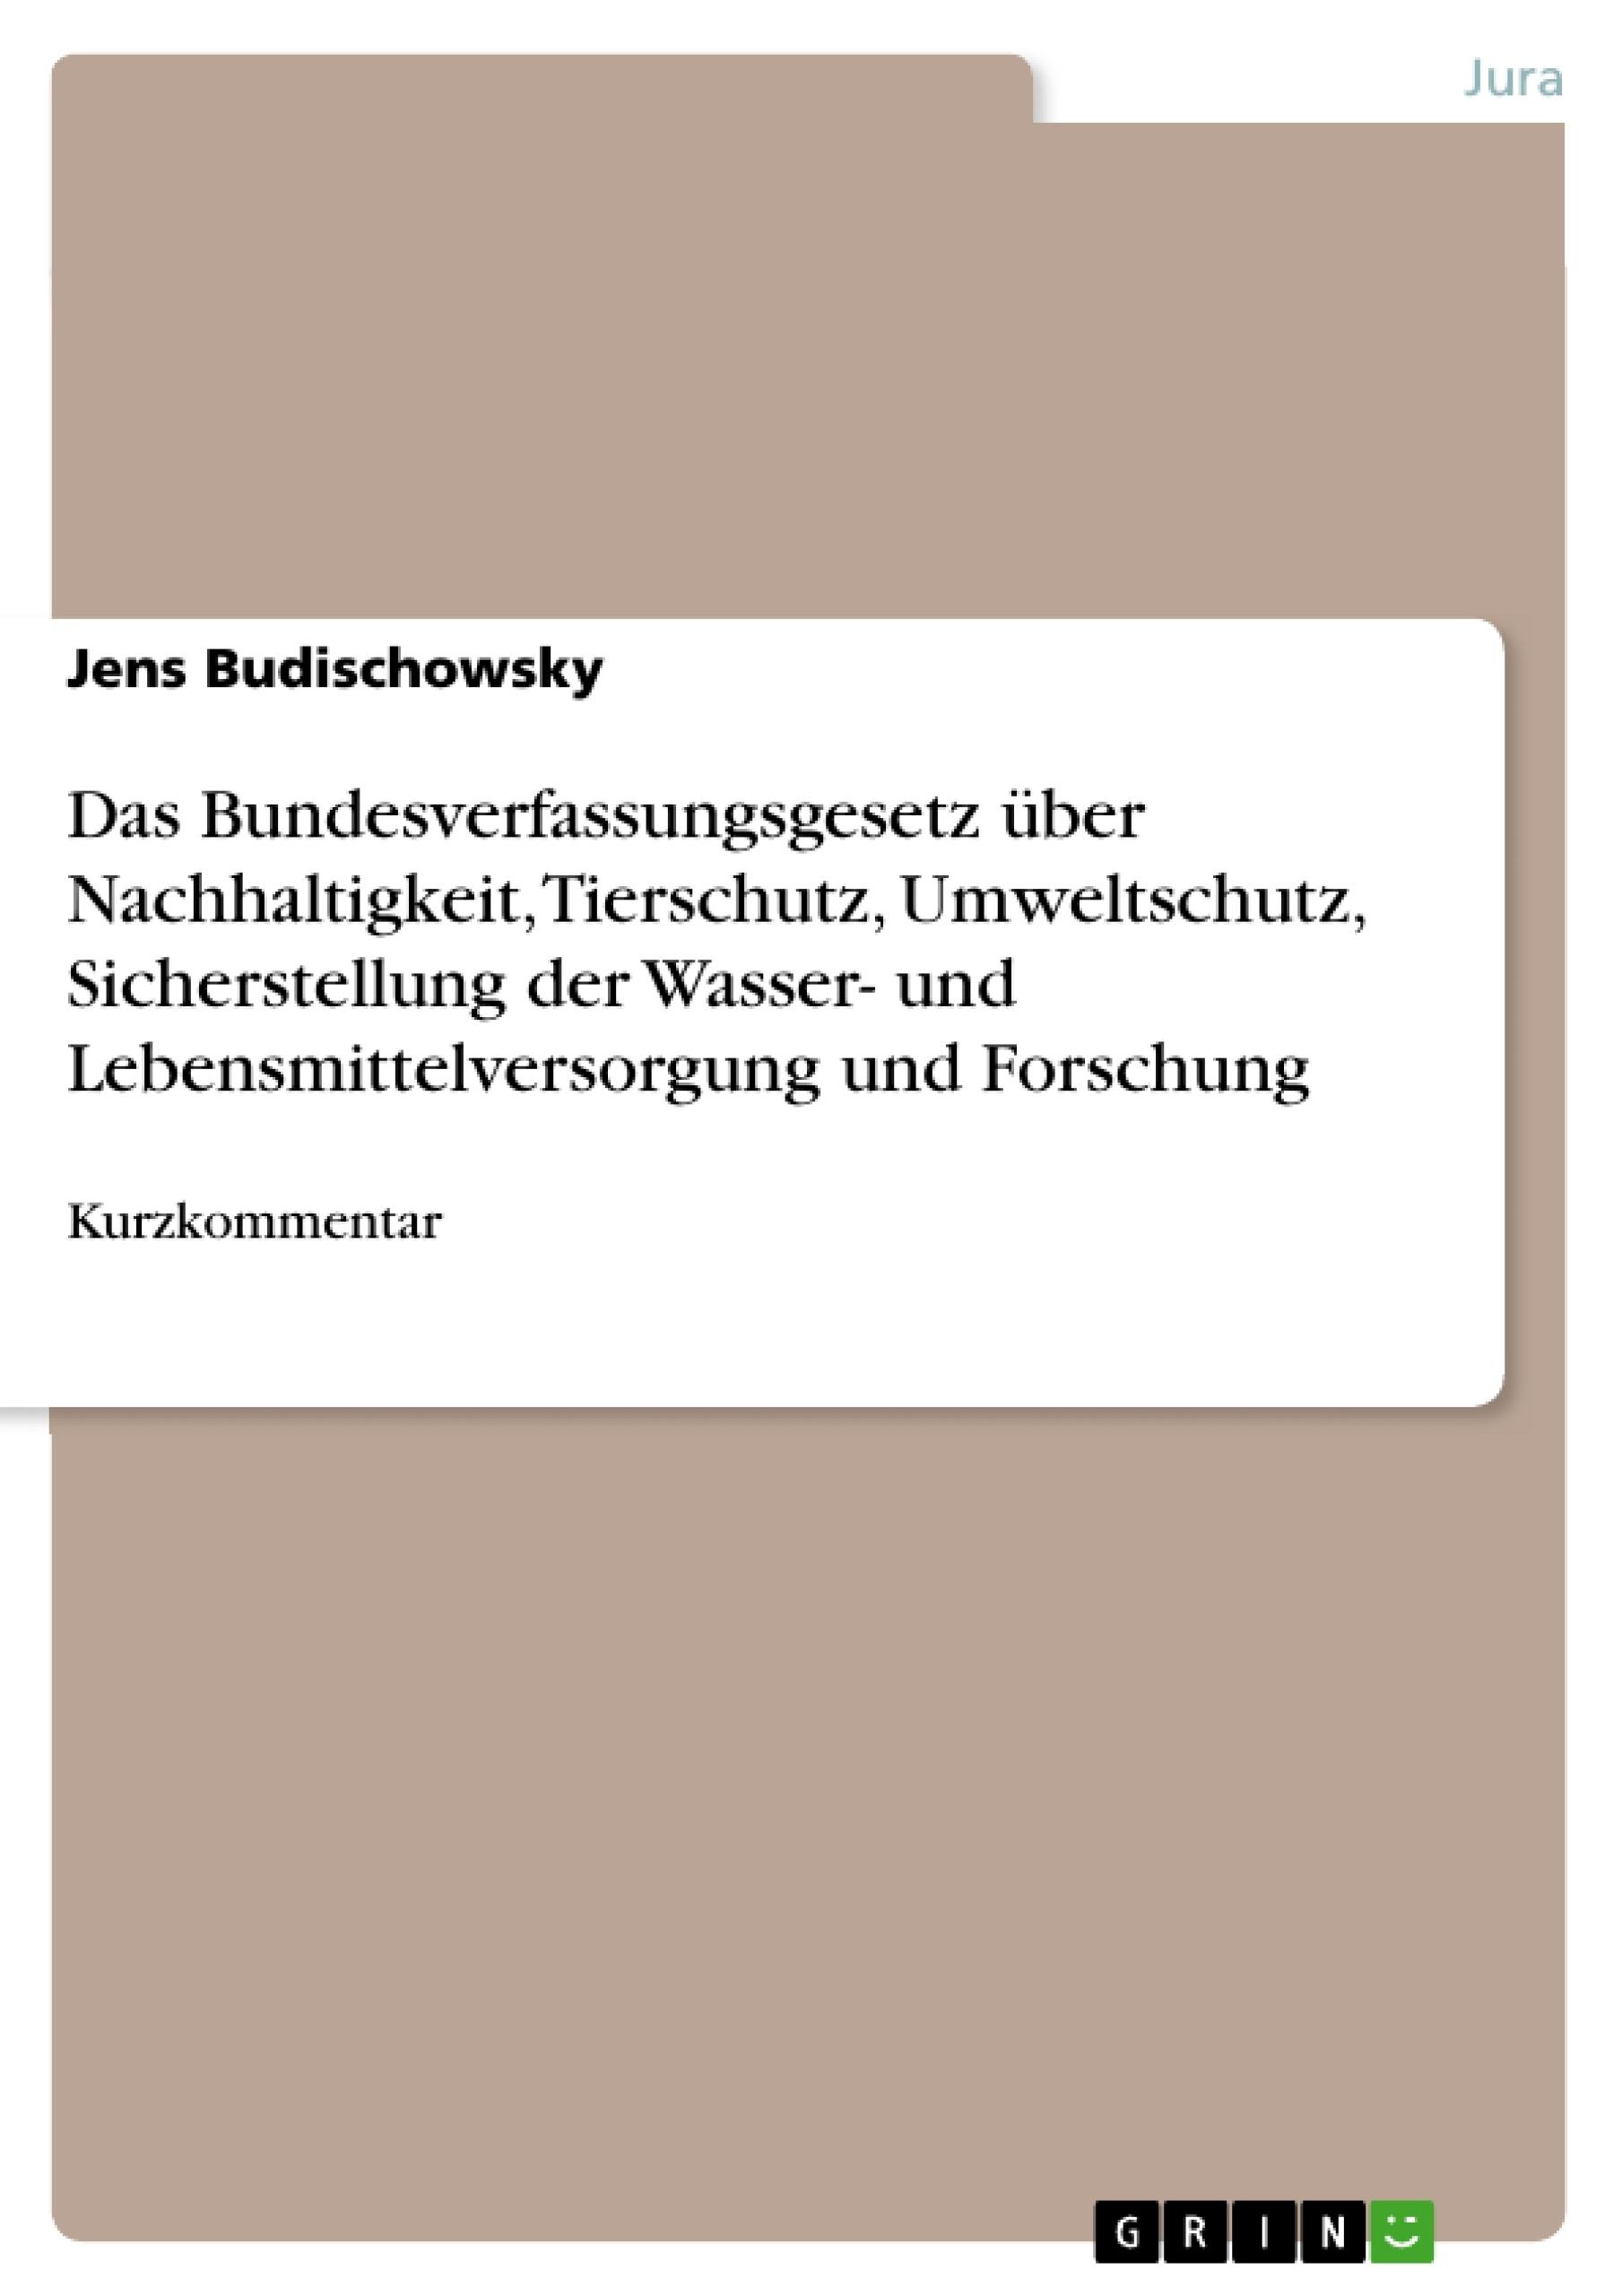 Titel: Das Bundesverfassungsgesetz über Nachhaltigkeit, Tierschutz, Umweltschutz, Sicherstellung der Wasser- und Lebensmittelversorgung und Forschung